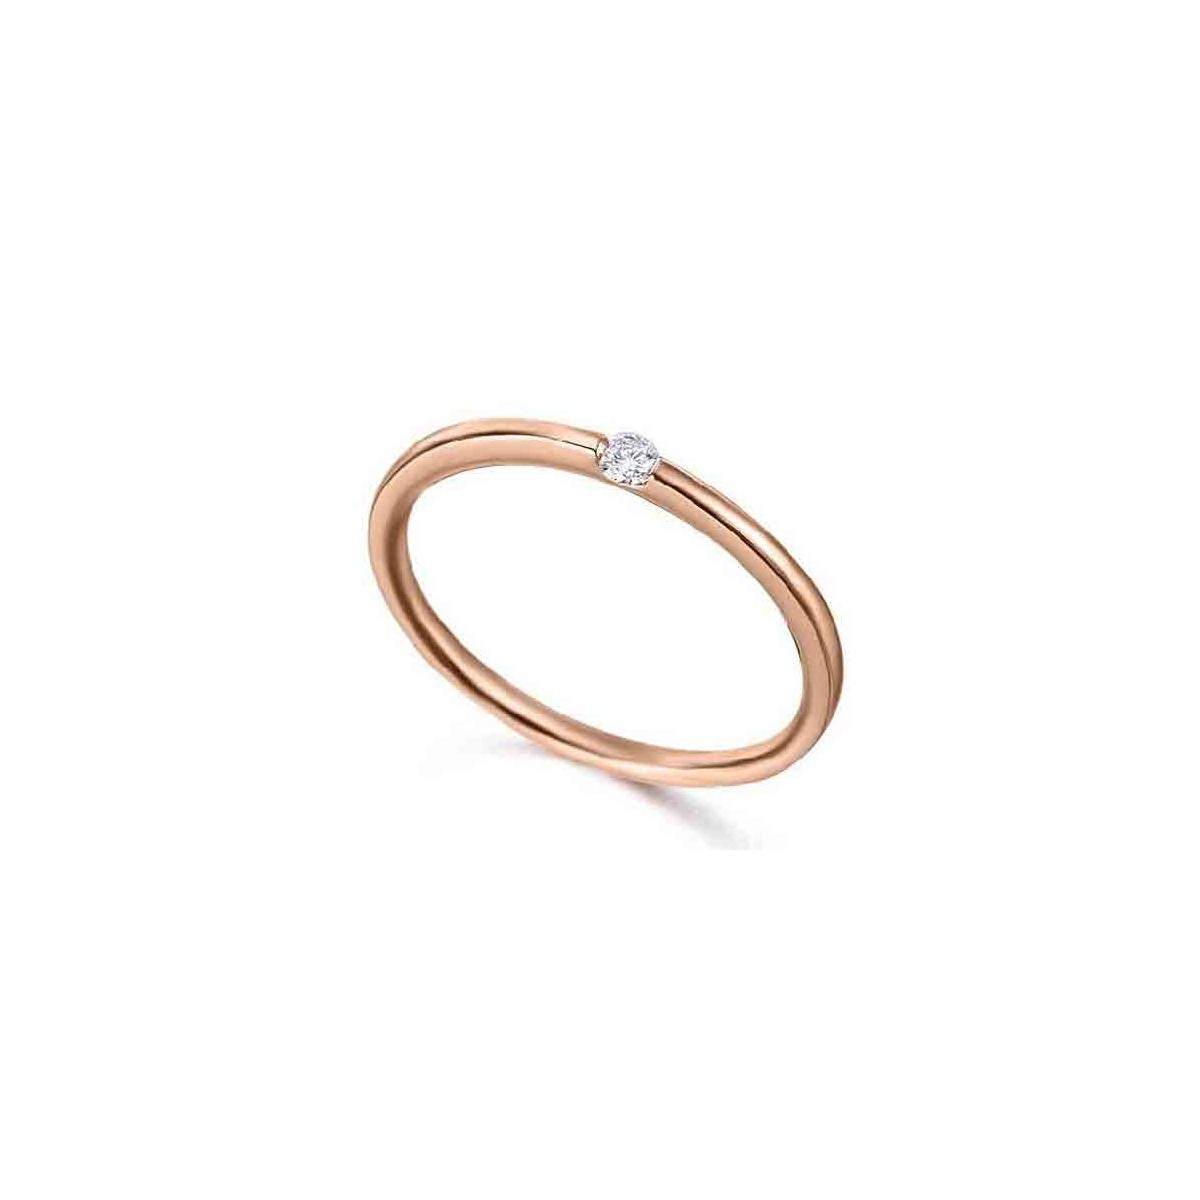 Anillo de oro rosa de 18 quilates con Diamante talla brillante calidad H/S.I. peso total 0,04 quilates